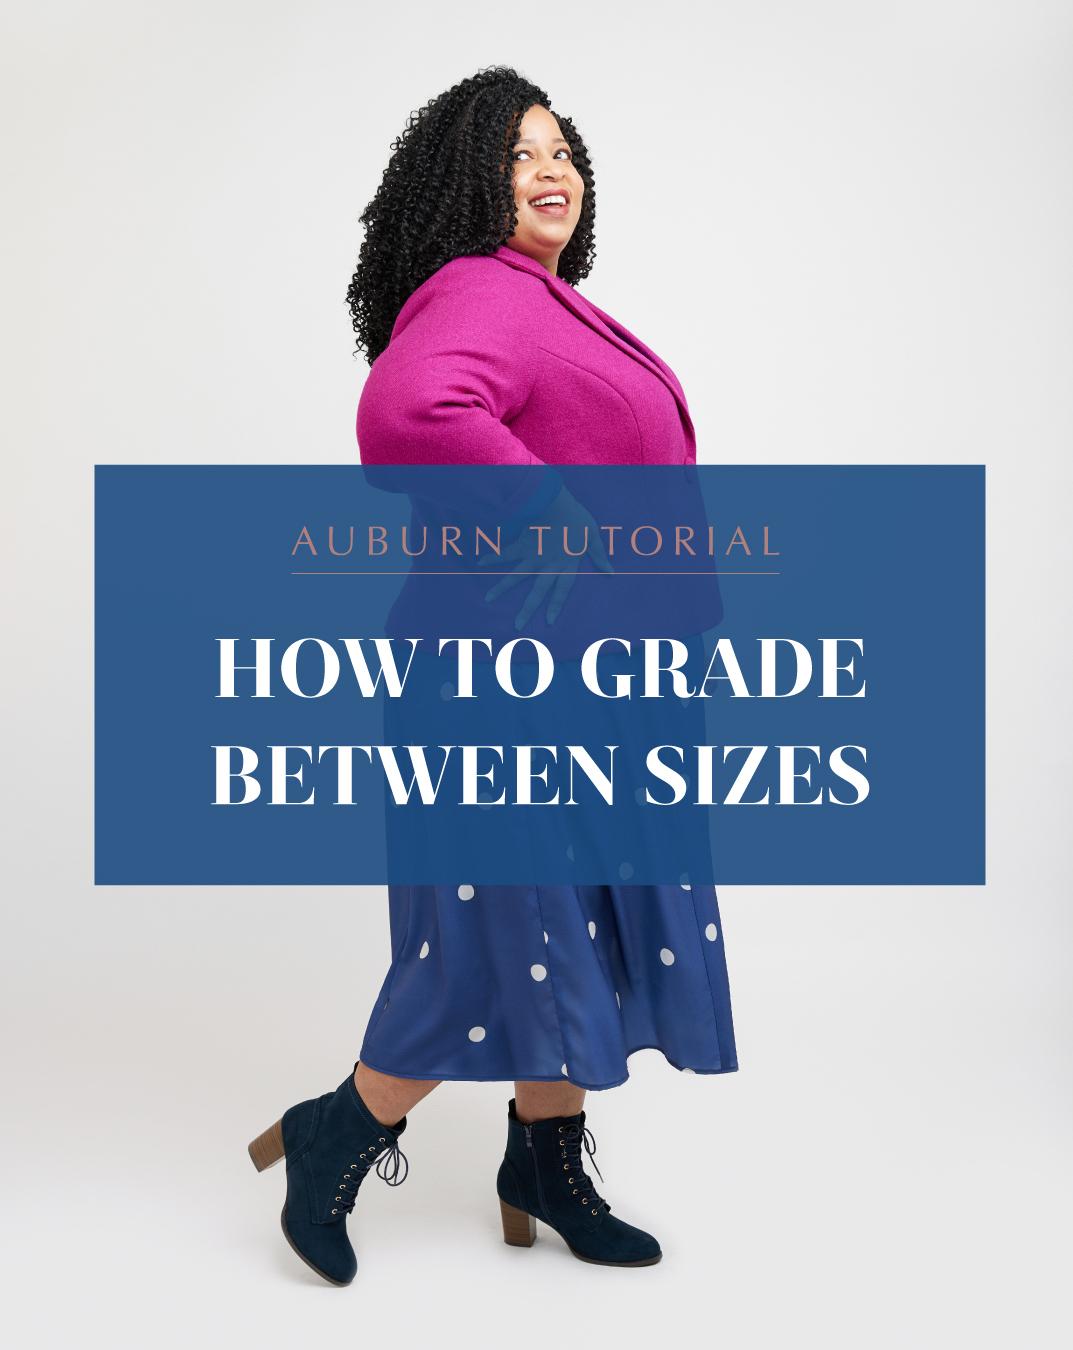 Auburn tutorial: how to grade between sizes